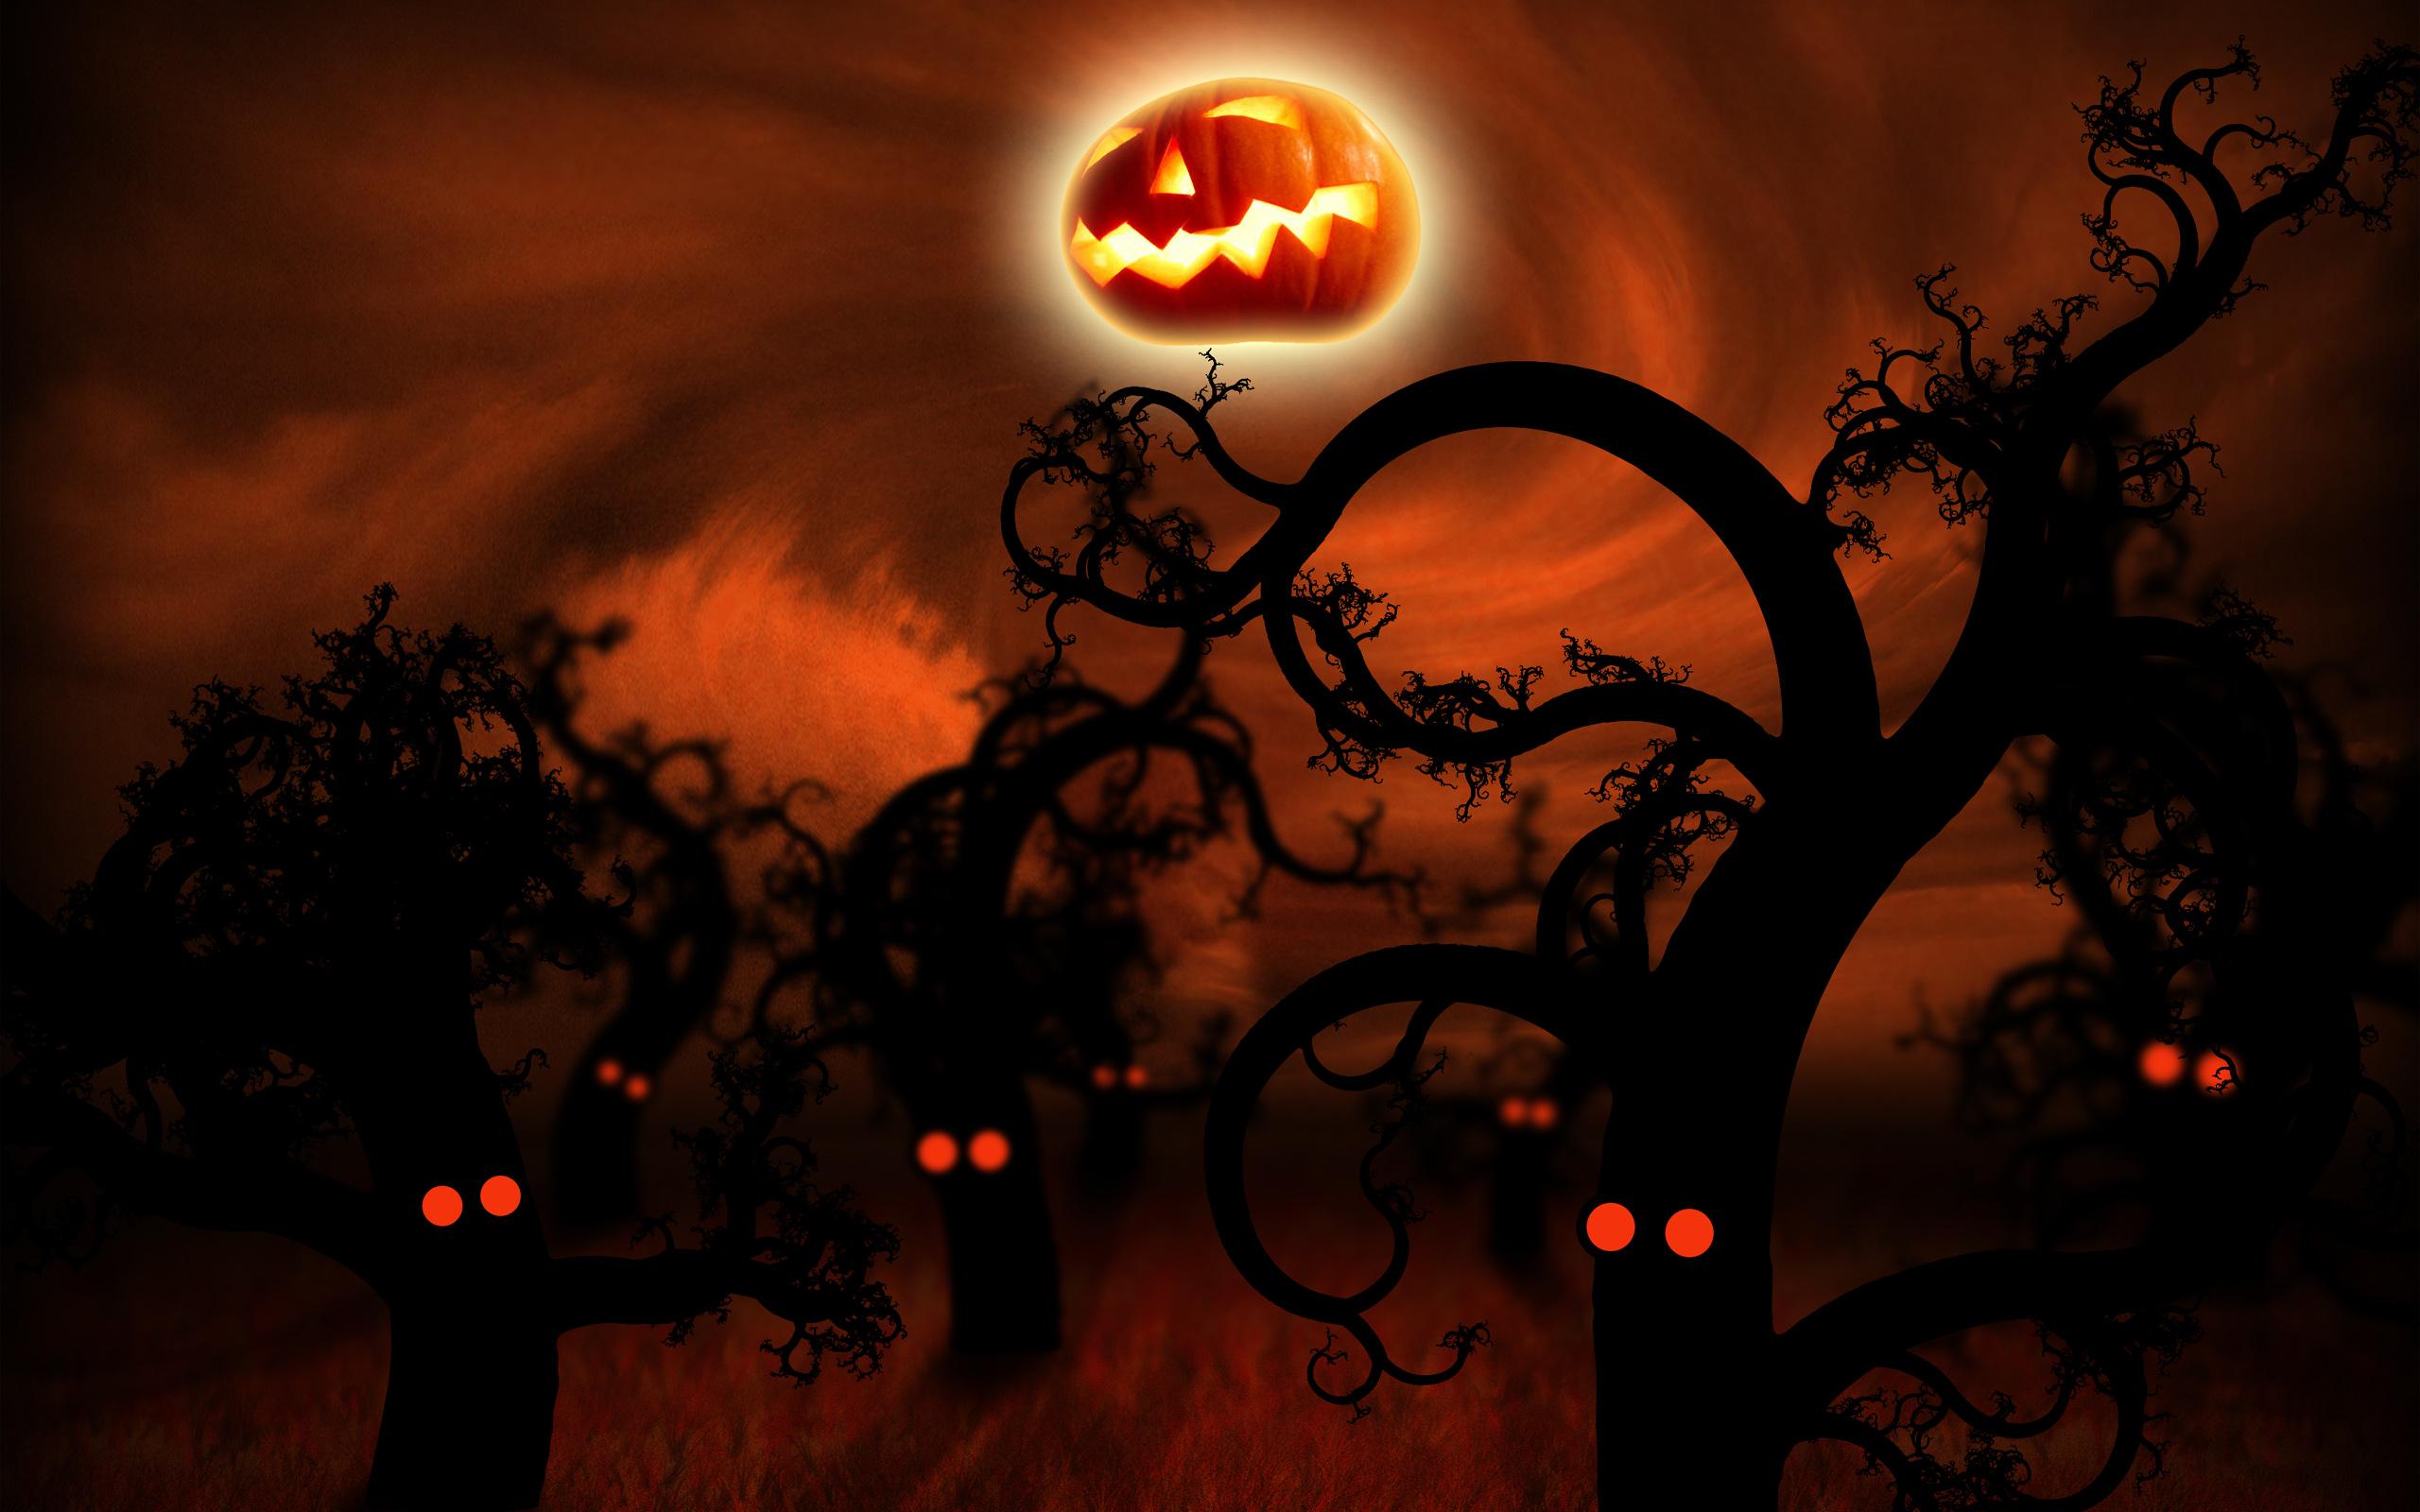 vladstudio midnightforest halloween 2560x1600